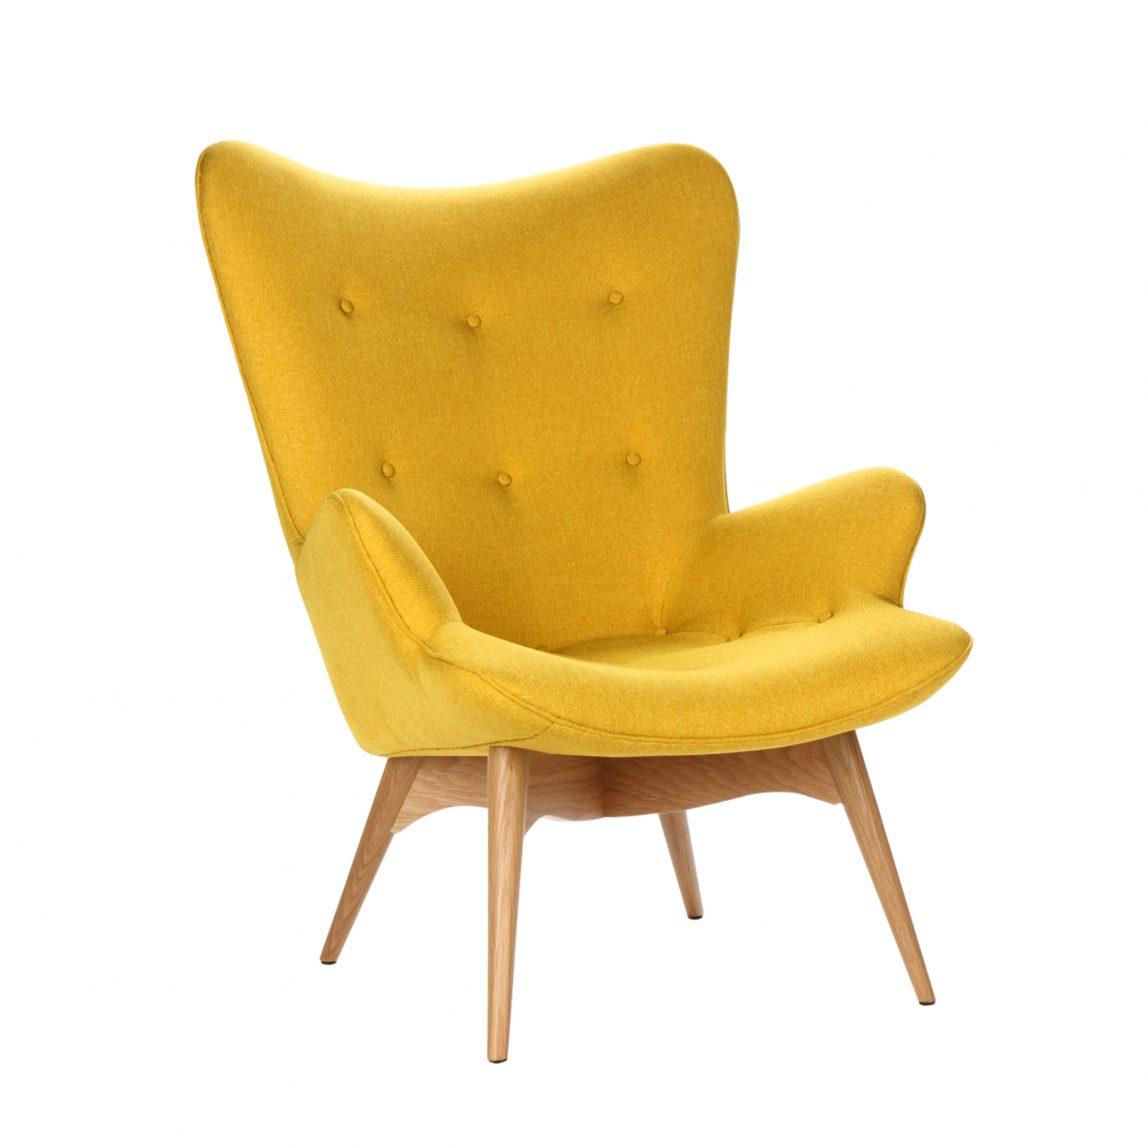 Интерьерное желтое кресло Конор